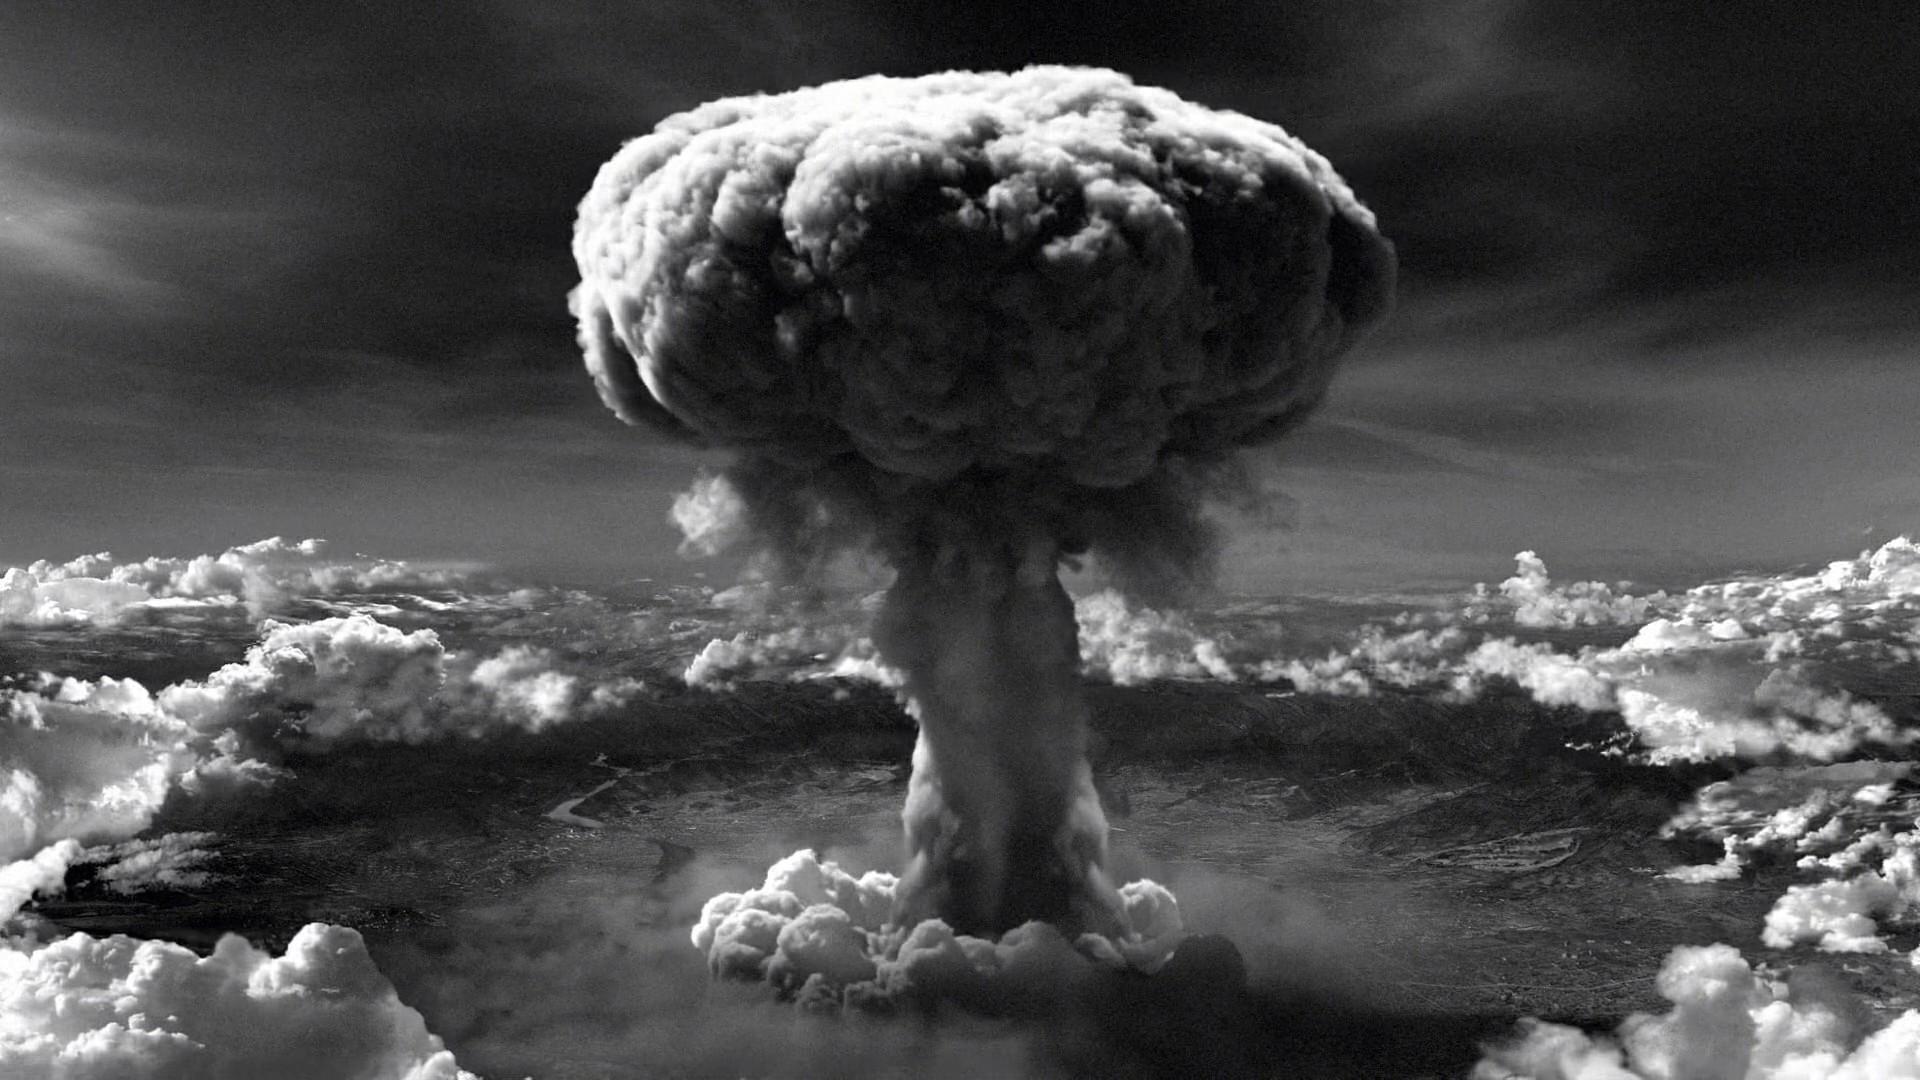 Hiroşima'nın ahlaki yönünü tartışmaya açmak